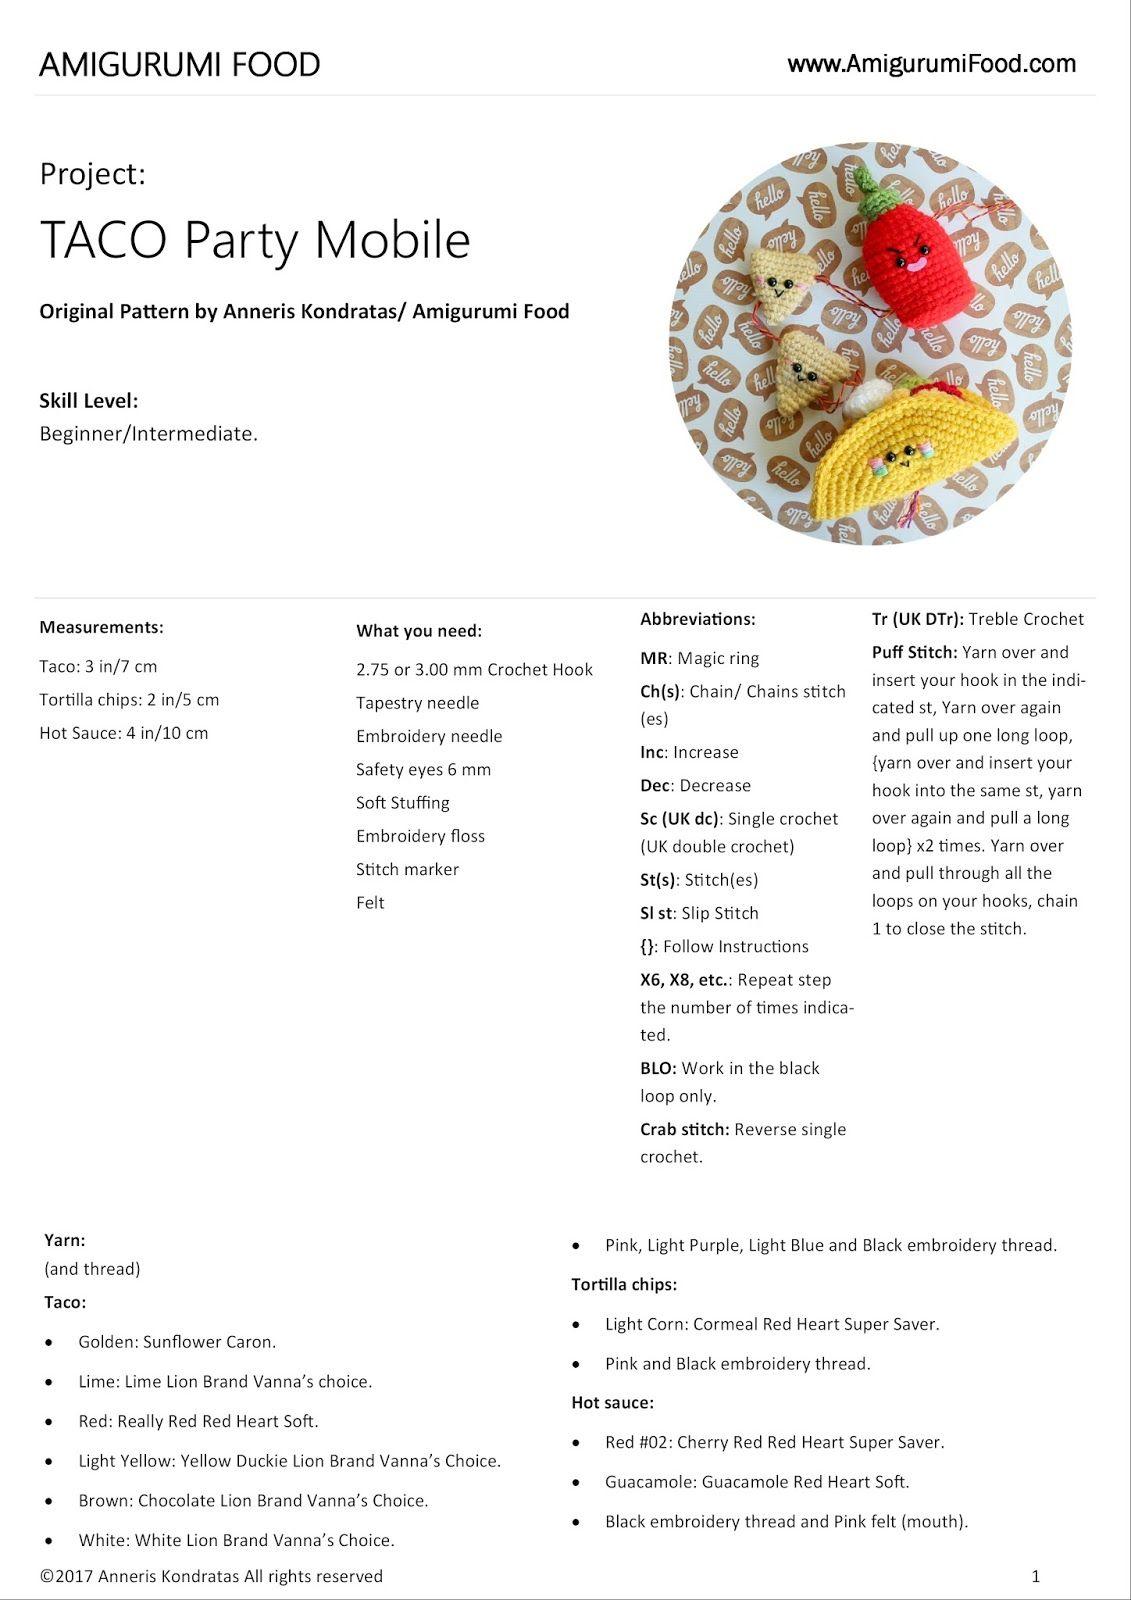 Amigurumi Food: Taco Party Mobile Free Crochet Mobile Amigurumi Food ...